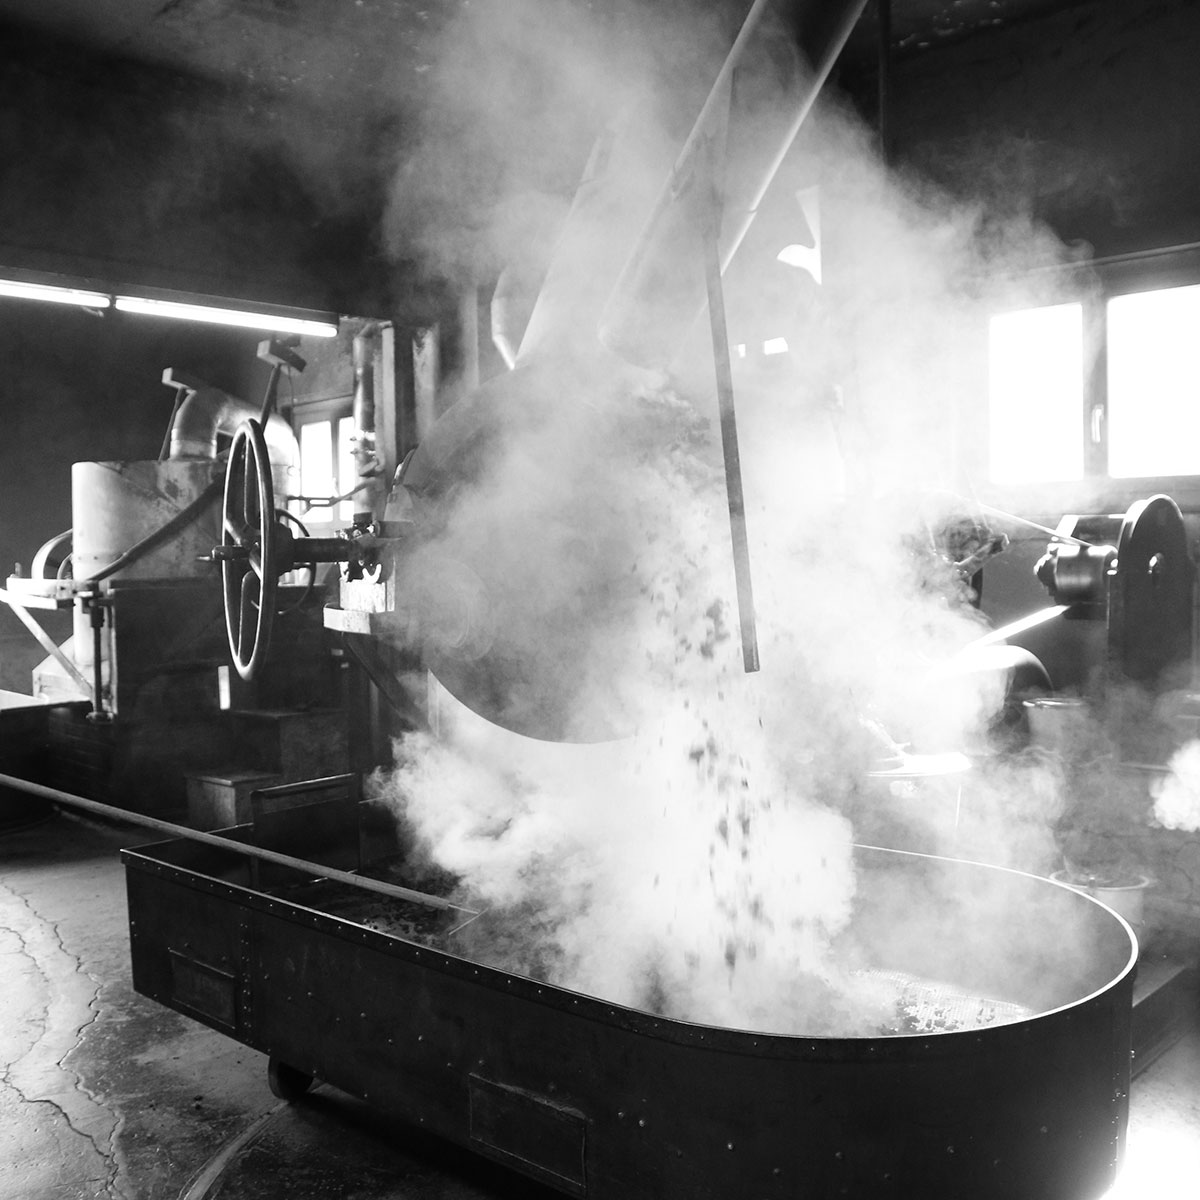 coffee roasting sphere emptying